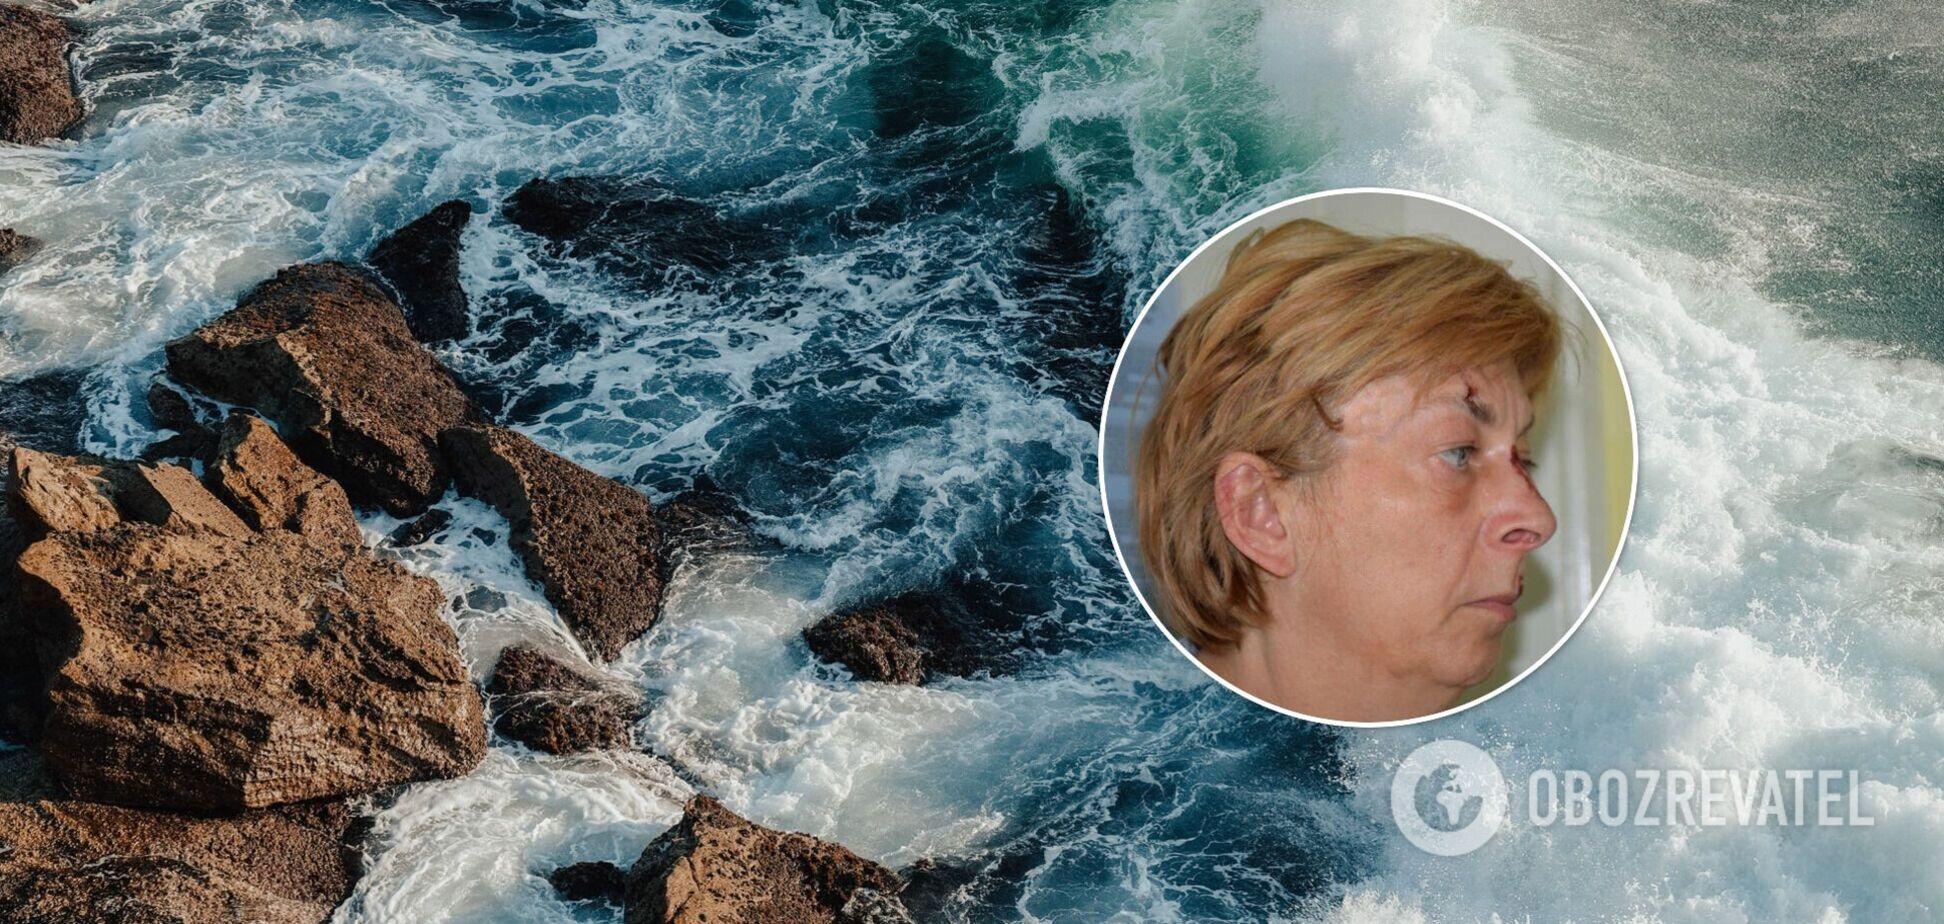 На острове нашлась потерявшая память женщина